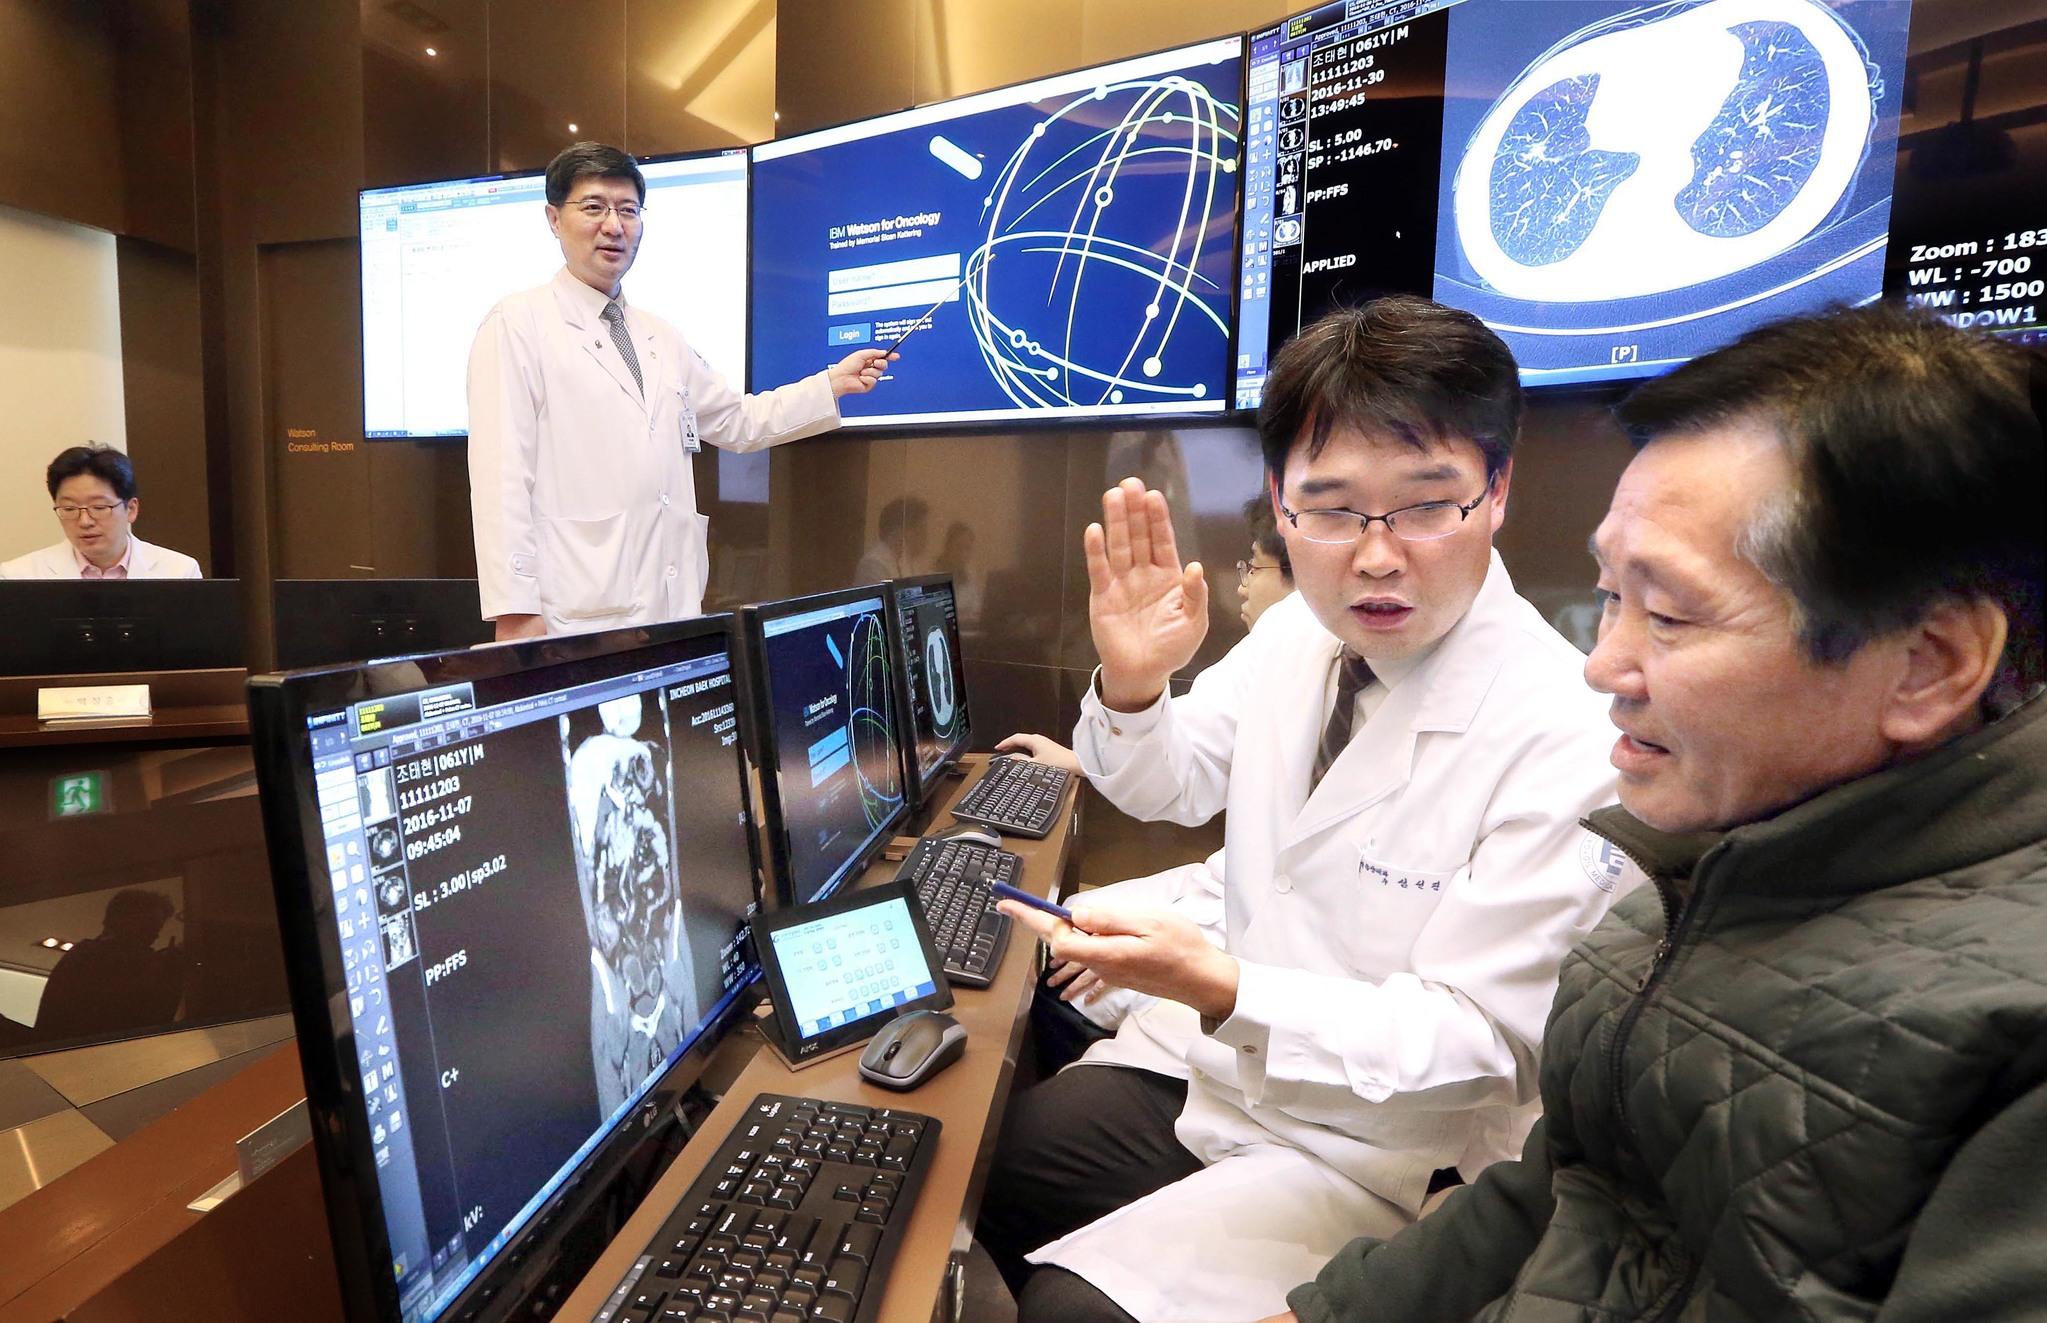 가천대 길병원 의료진이 지난해 12월 인공지능 암센터에서 왓슨을 활용해 대장암 환자 조태현씨(오른쪽)에게 진료 방법을 소개하고 있다. [중앙포토]